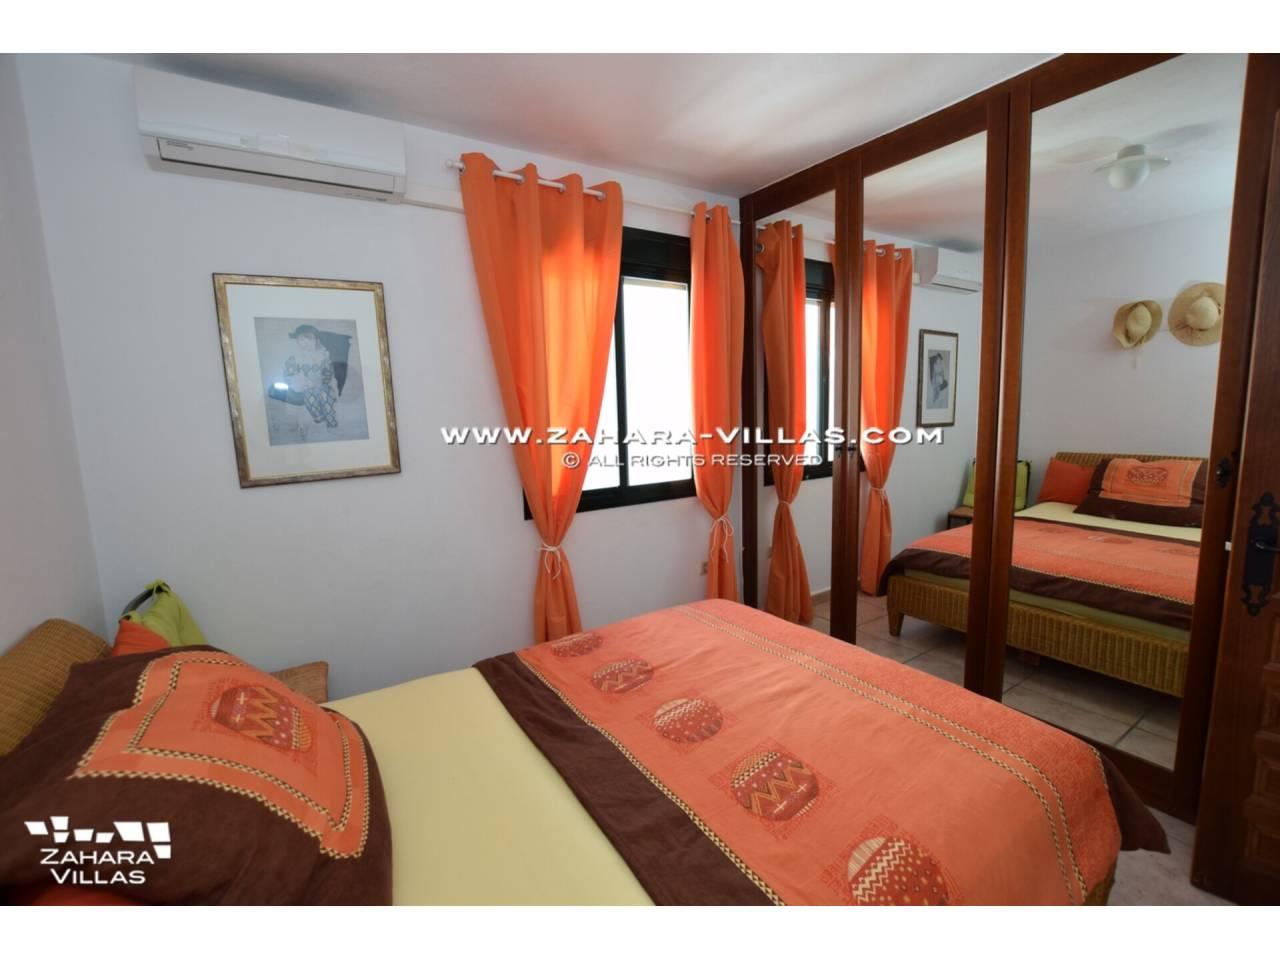 Imagen 29 de Penthouse apartment for sale in Zahara de los Atunes